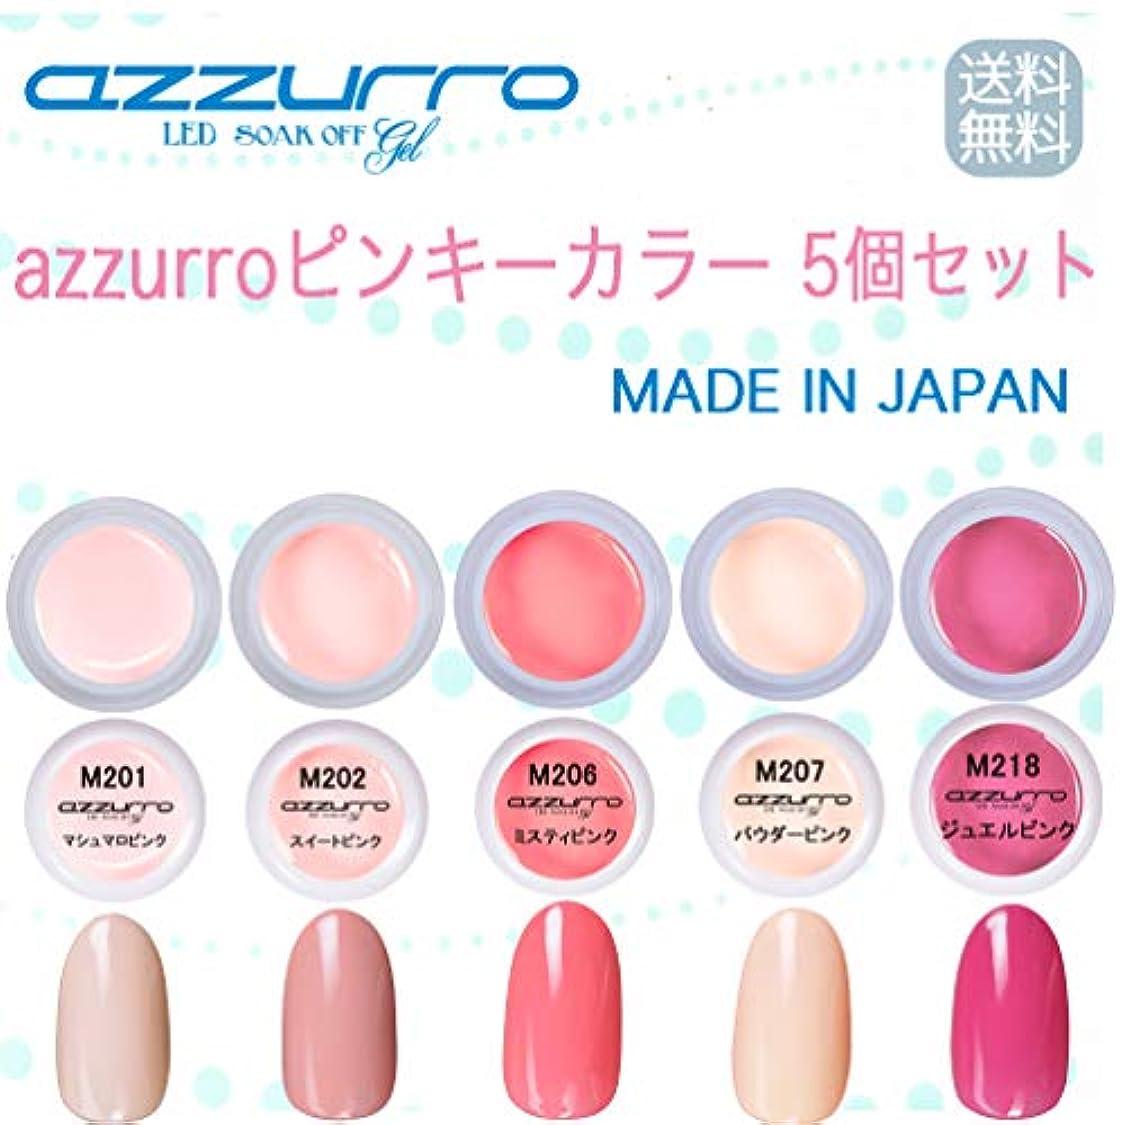 ボード同一性名誉ある【送料無料】日本製 azzurro gel ピンキーカラー ジェル5個セット ネイルのマストアイテムピンキーカラー